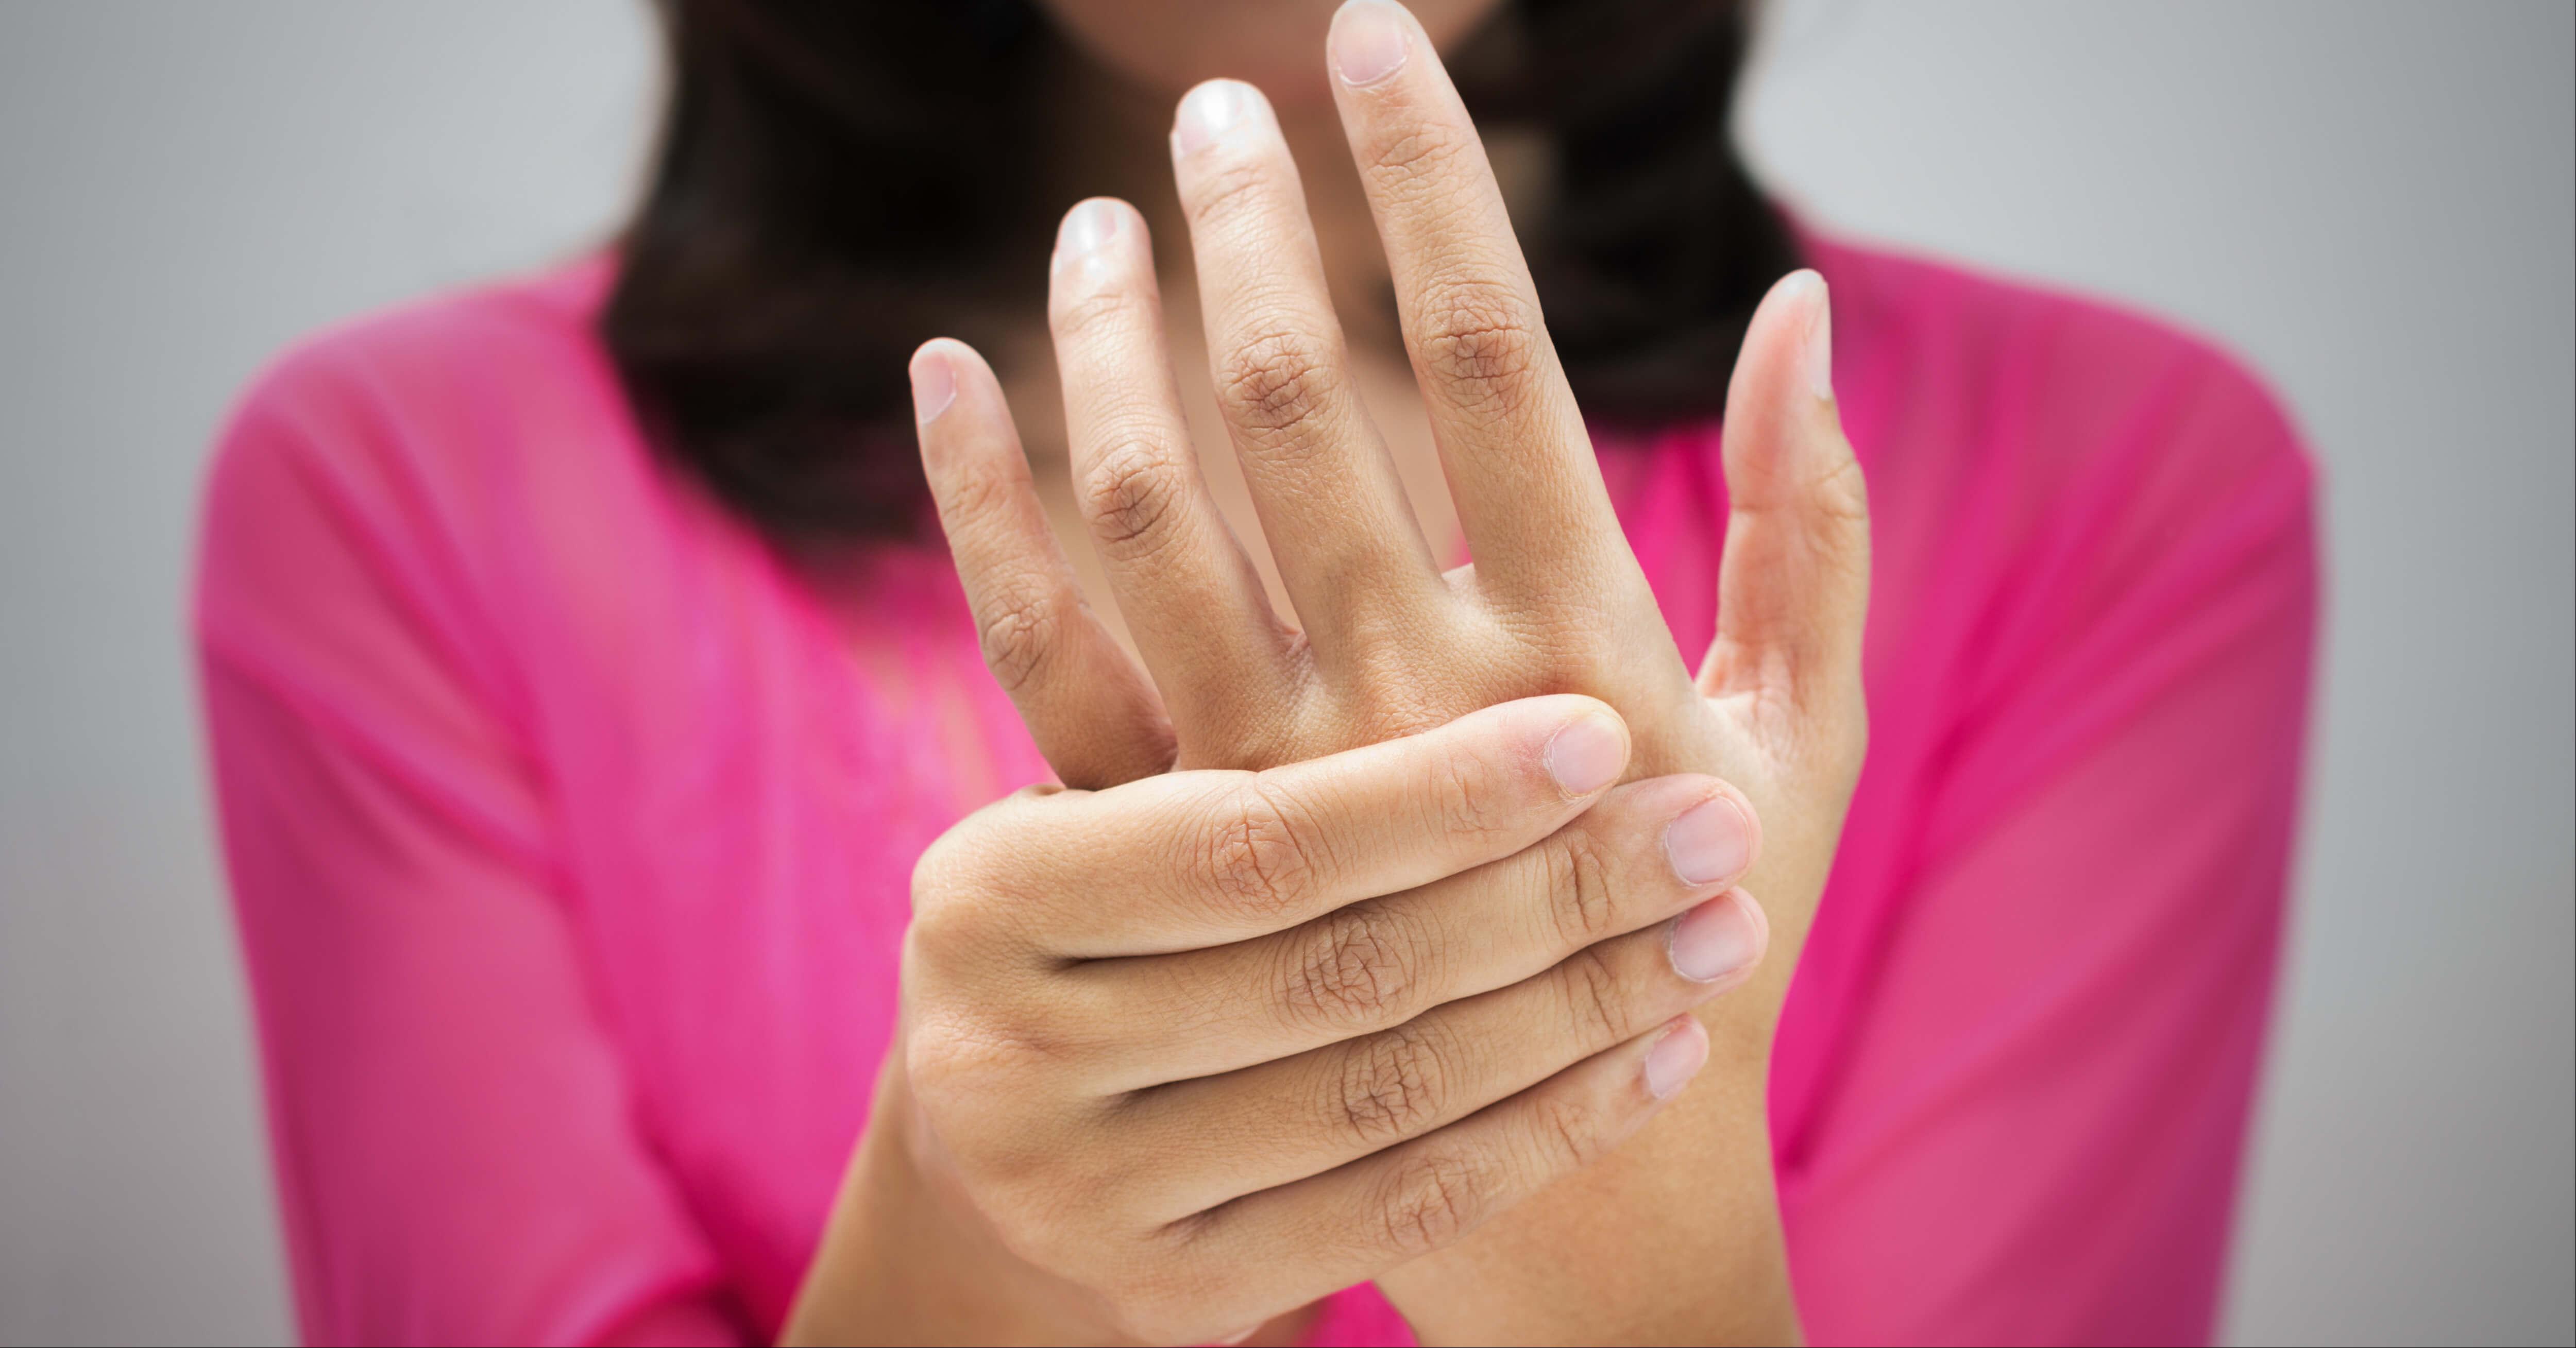 ما هي أسباب تنميل اليدين ويب طب